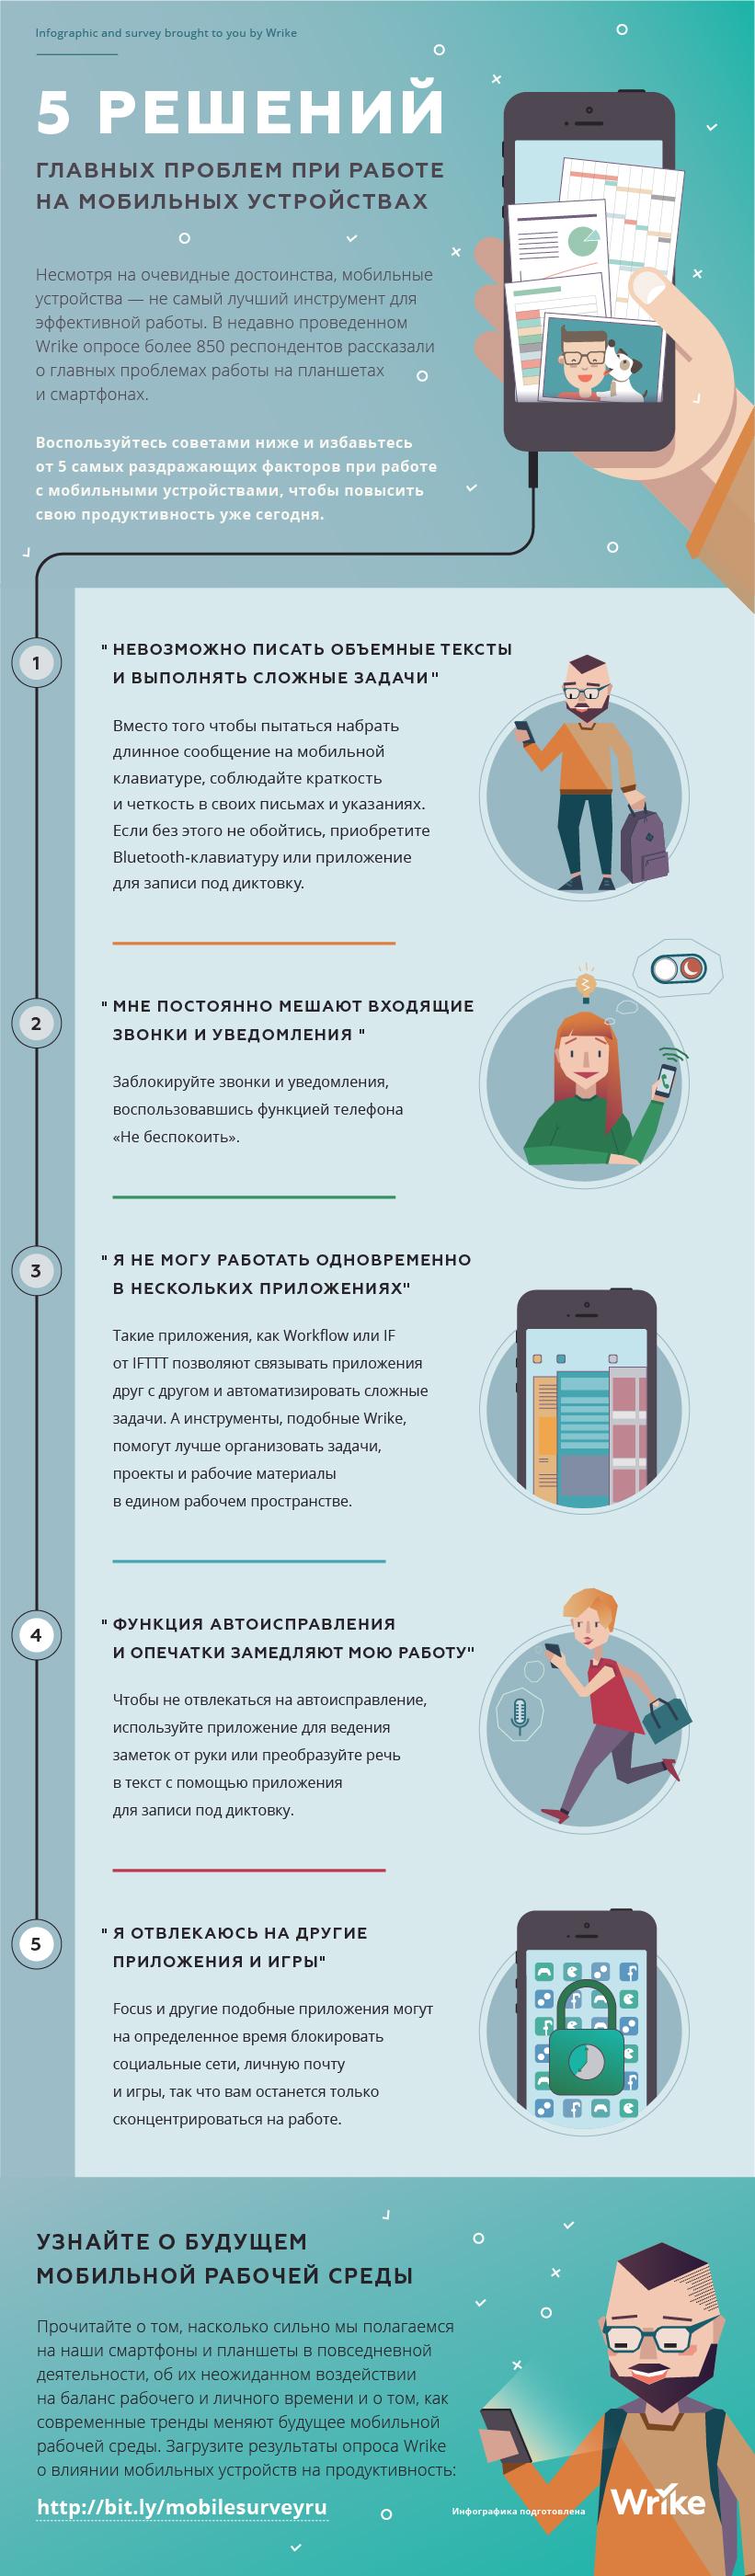 Проблемы мобильной продуктивности (инфографика)